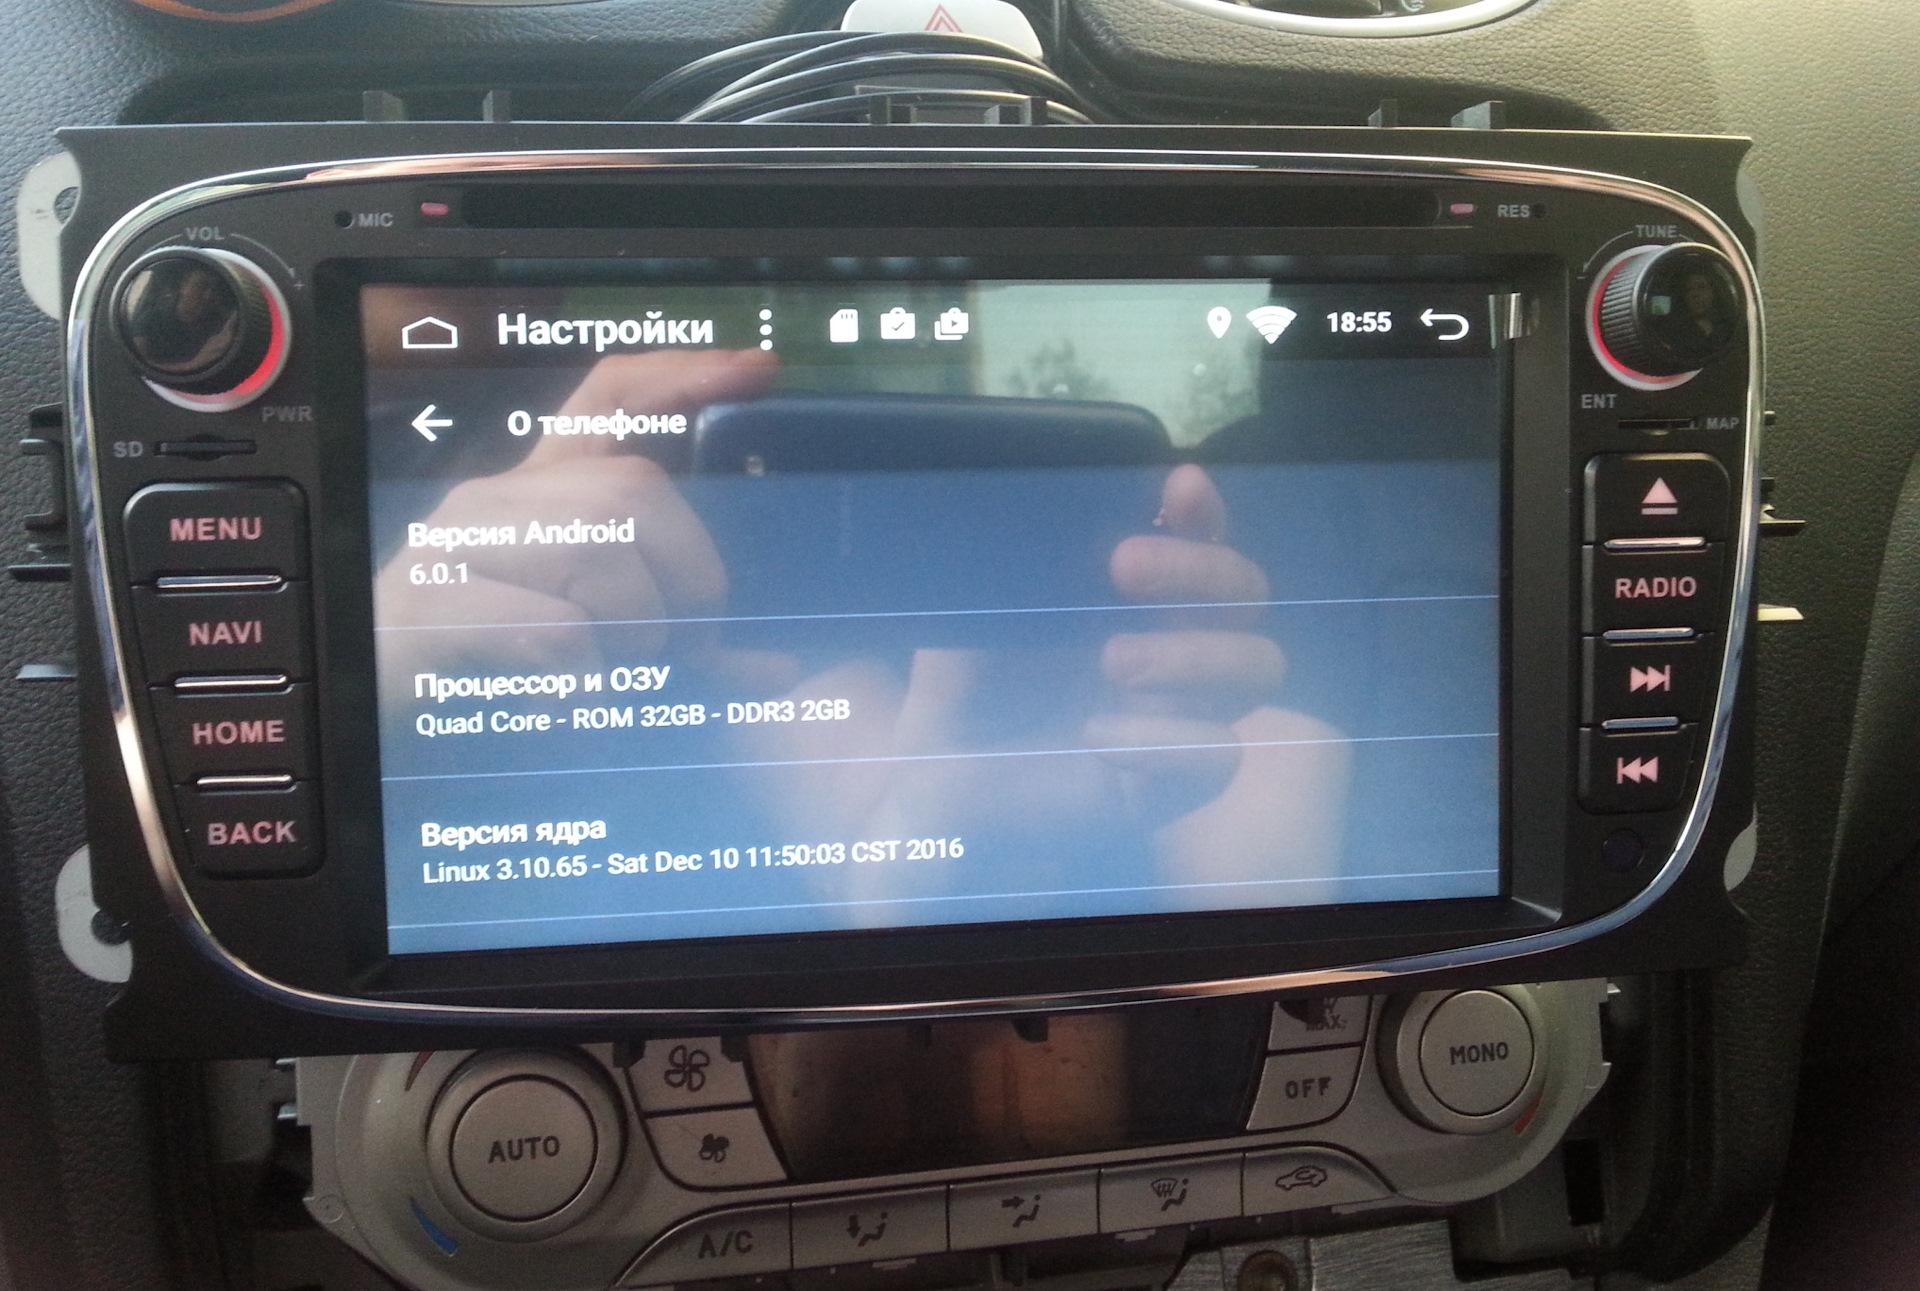 Балалайка на Androide Allwinner T3 — Ford Focus Sedan, 1 6 л